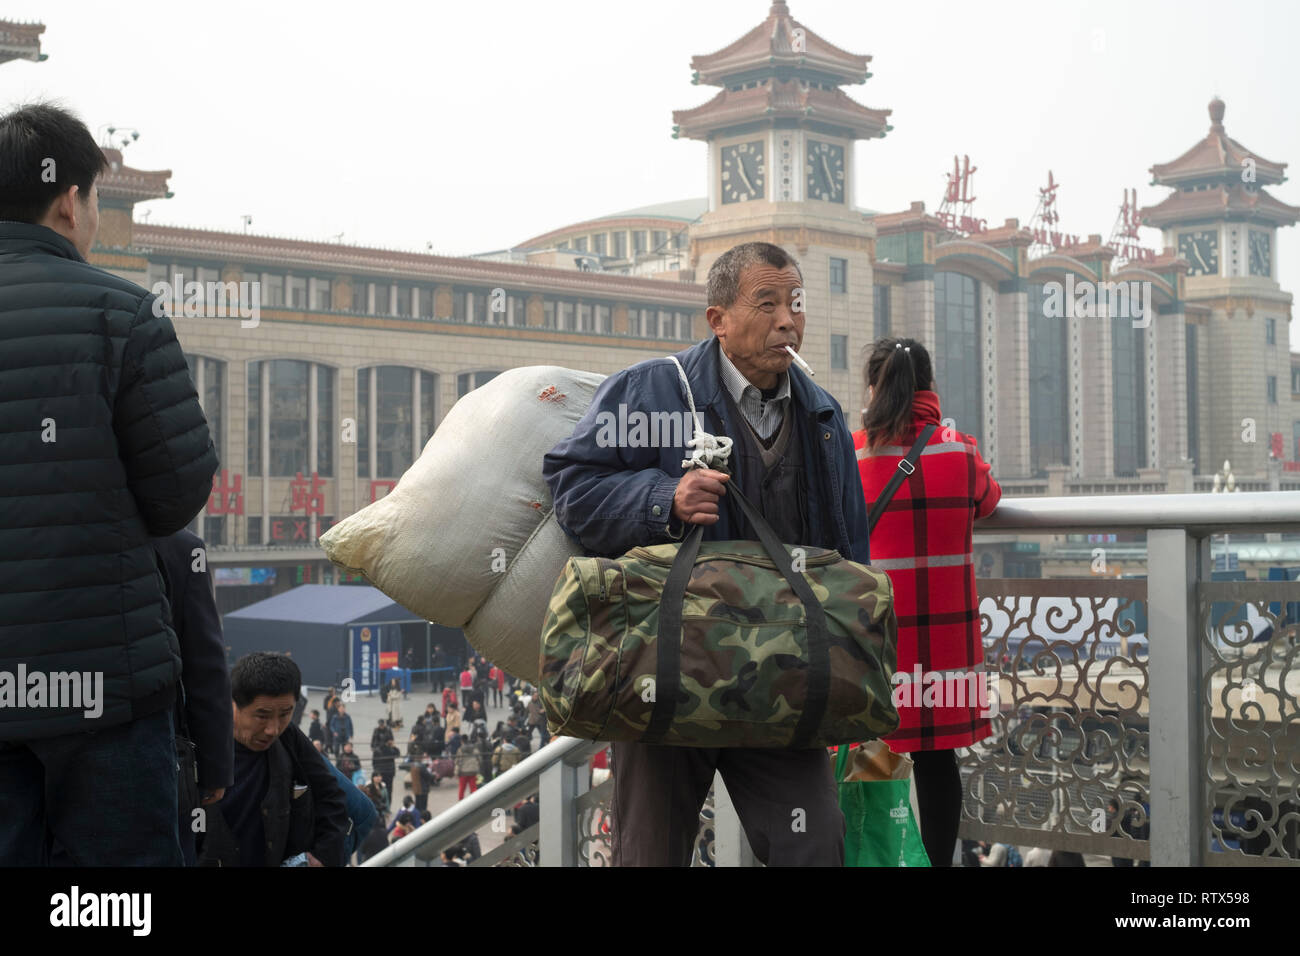 Chinesische ältere Wanderarbeitnehmer erlischt der Beijing Railway Station. Chinas alternde Gesellschaft Problem erscheint, zu einer Verschlechterung. 03-Mar-2019 Stockbild